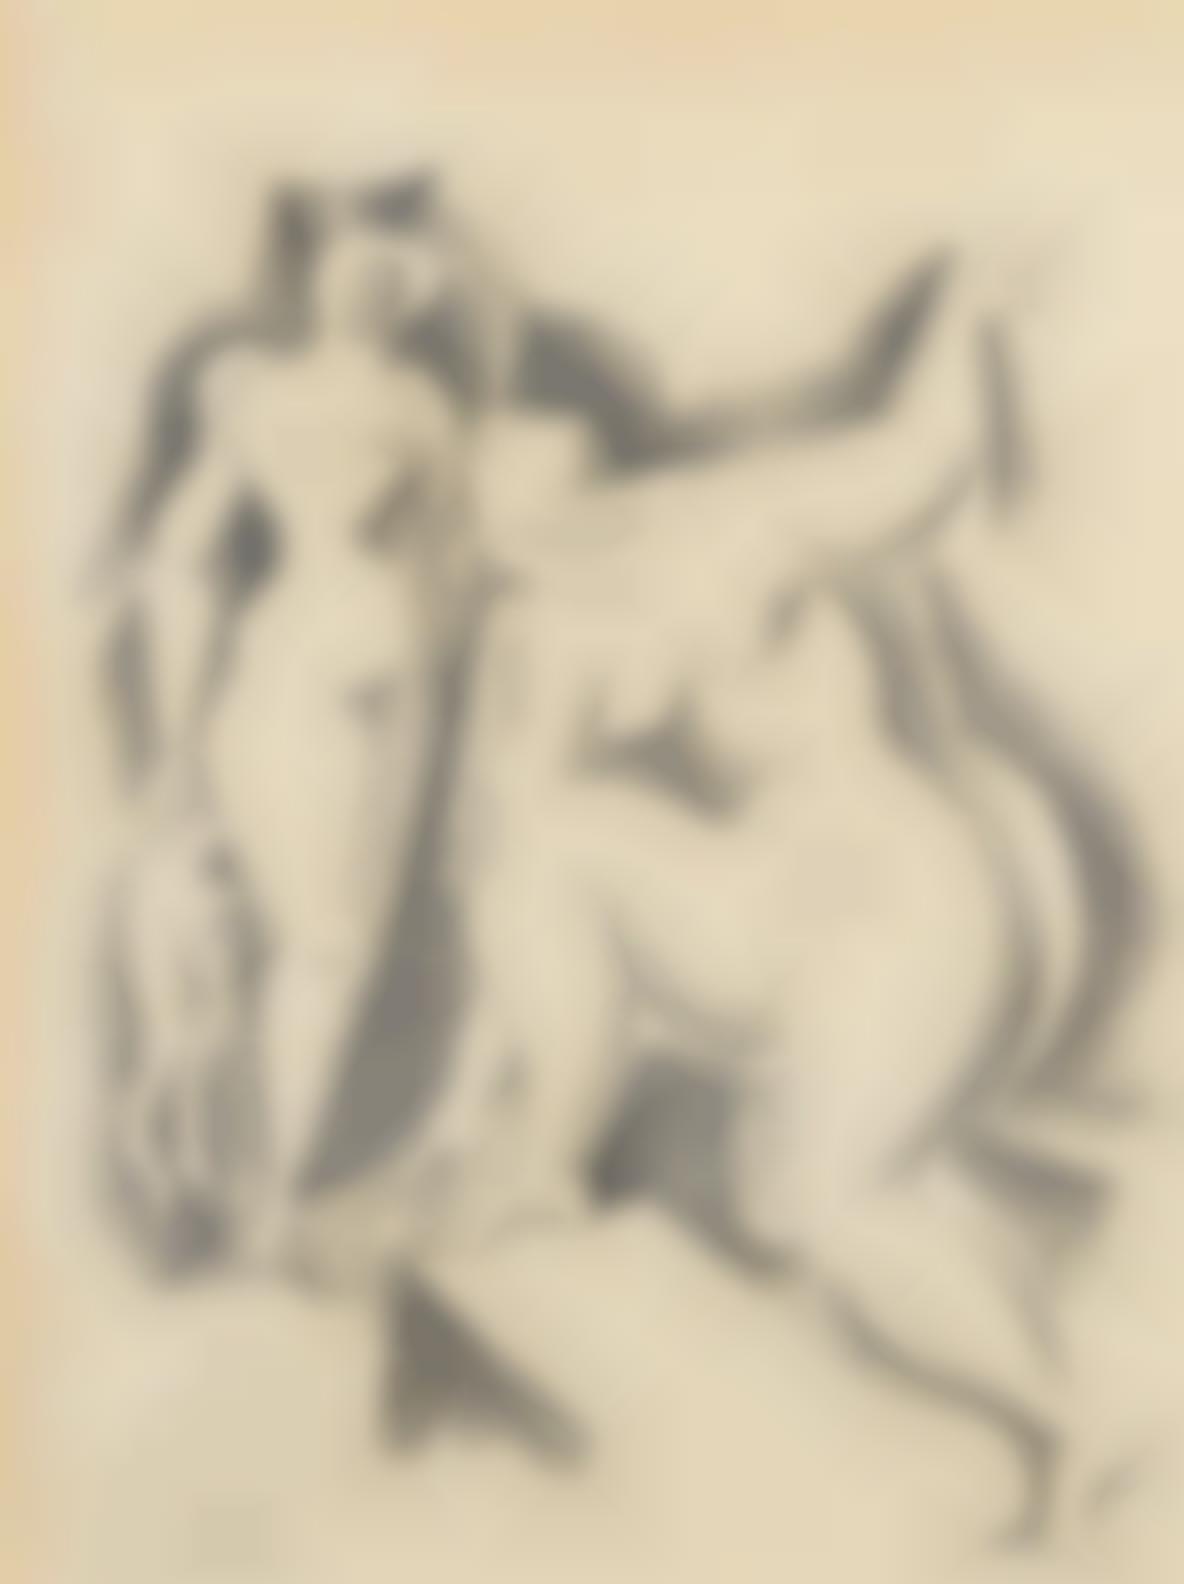 Alexander Archipenko-Zwei Weibliche Akte, From Bauhaus-Drucke Neue Europaische Graphik-1921